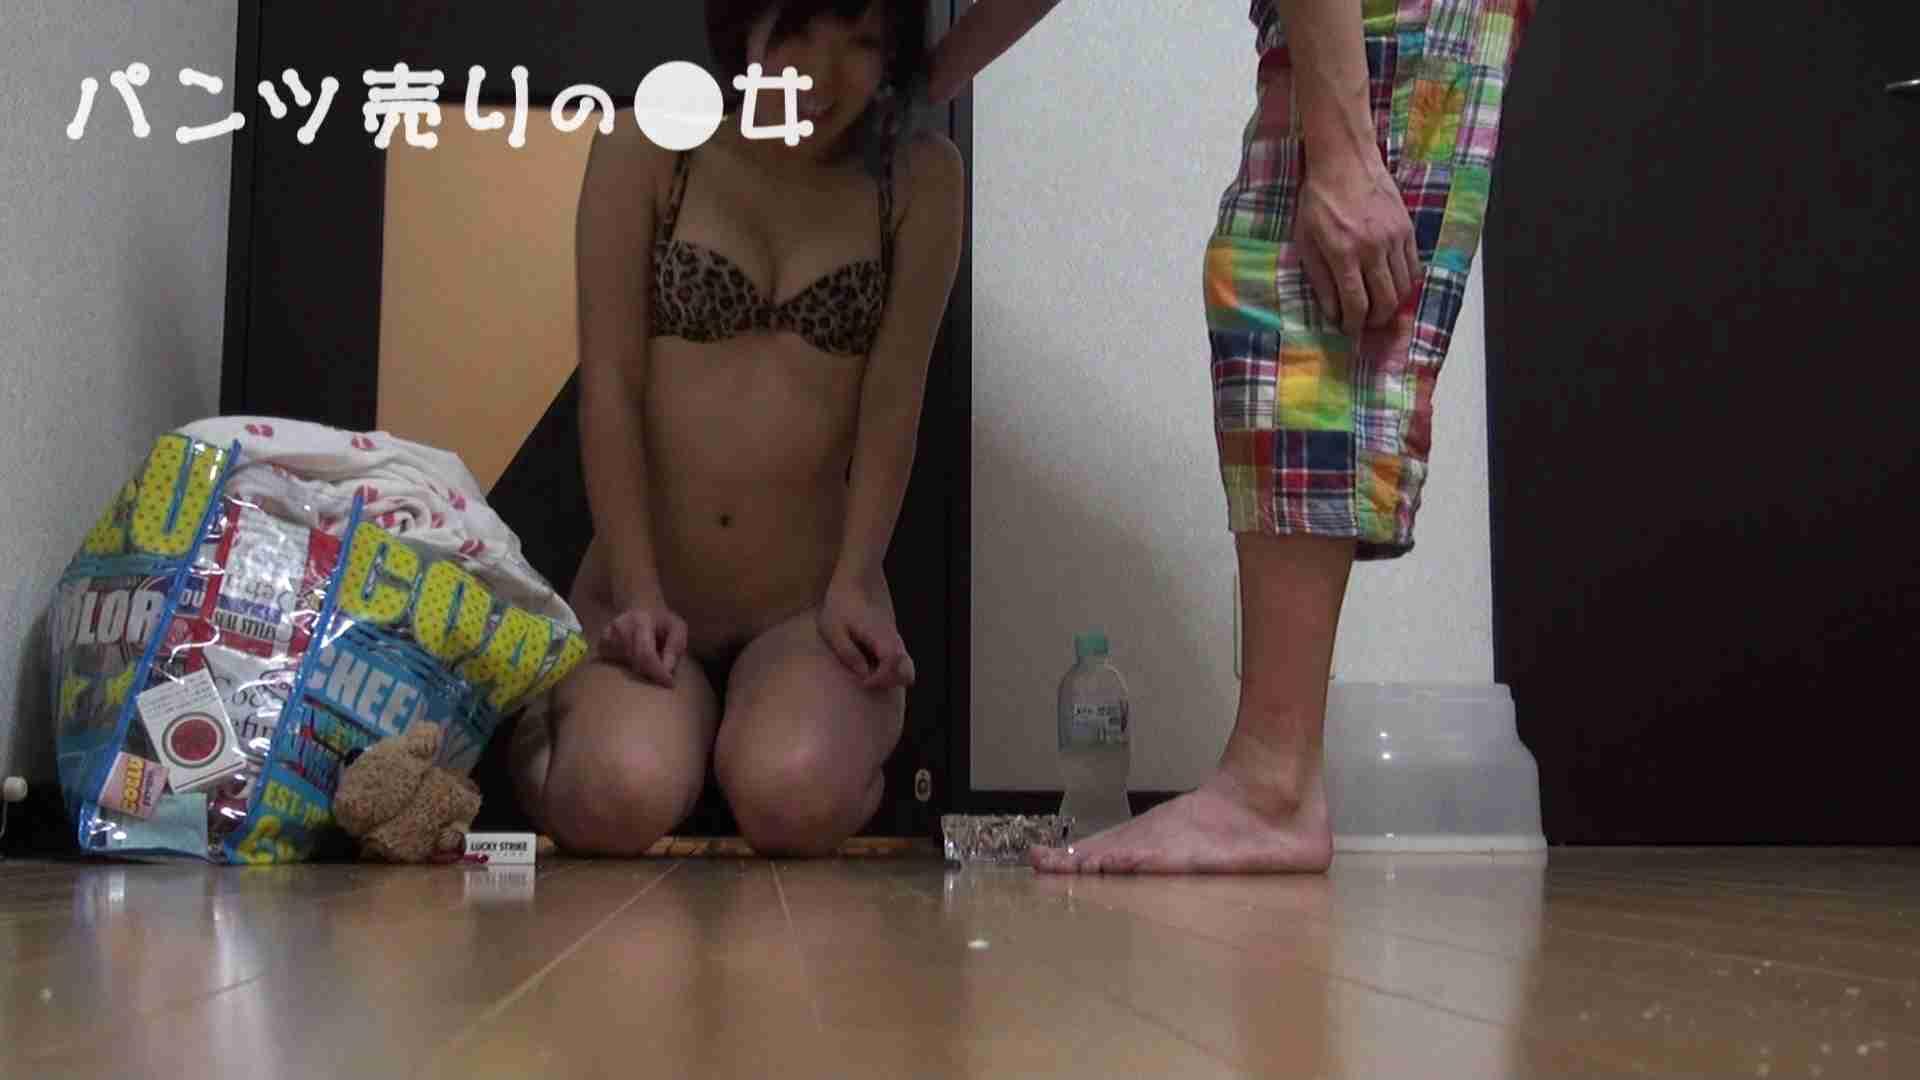 新説 パンツ売りの女の子nana02 一般投稿  74連発 10